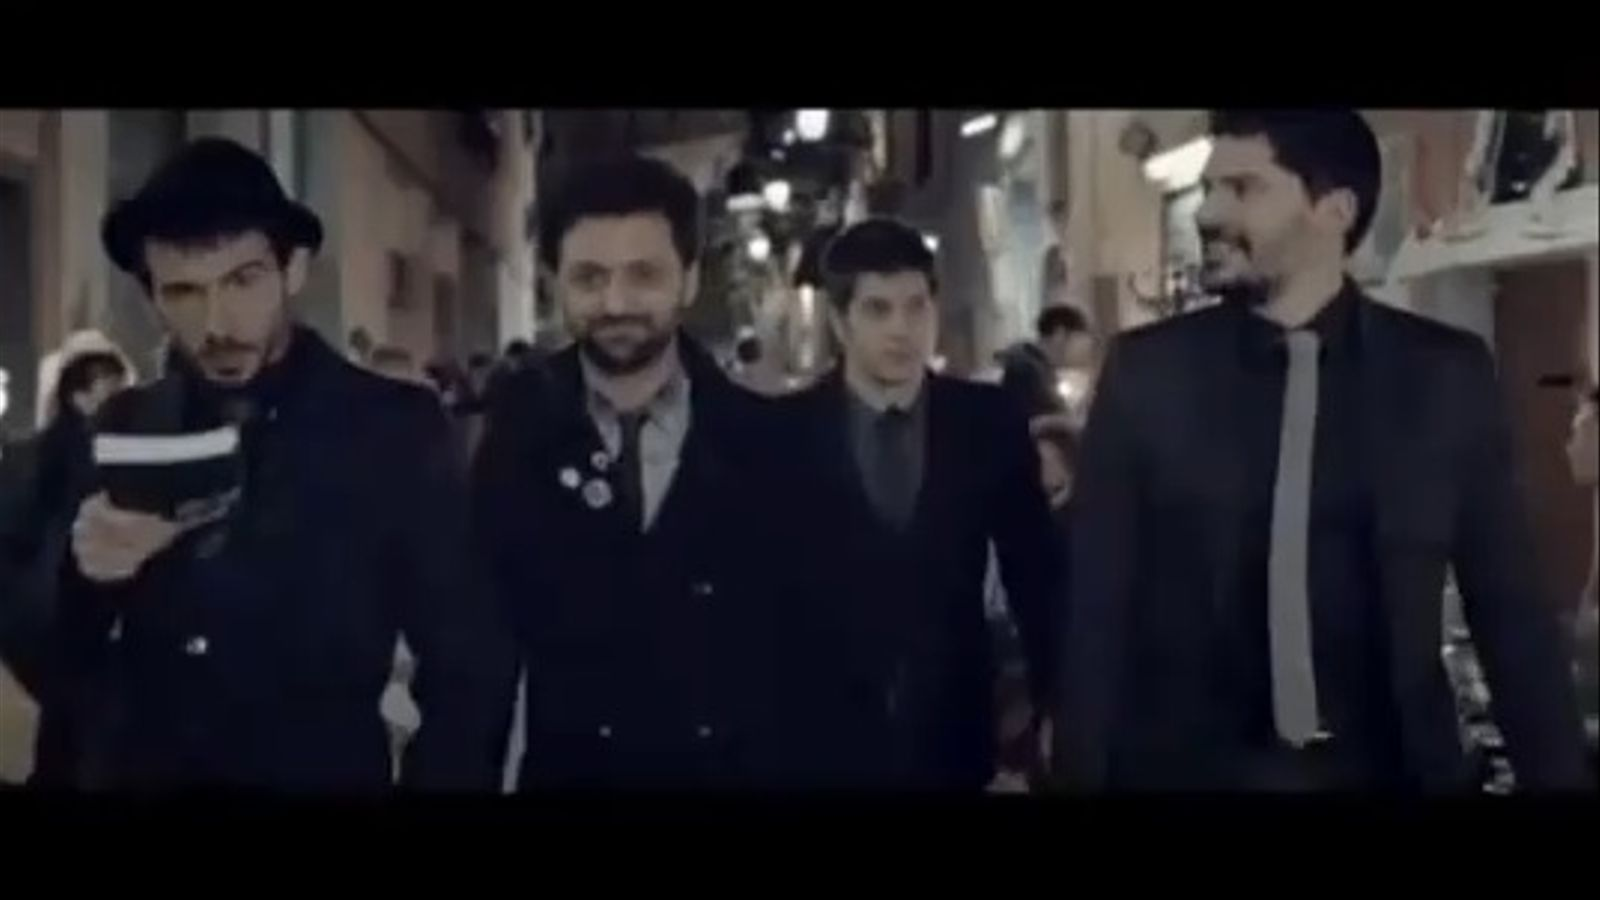 Una paròdia de l'anunci de Damm, en versió 'merengue'